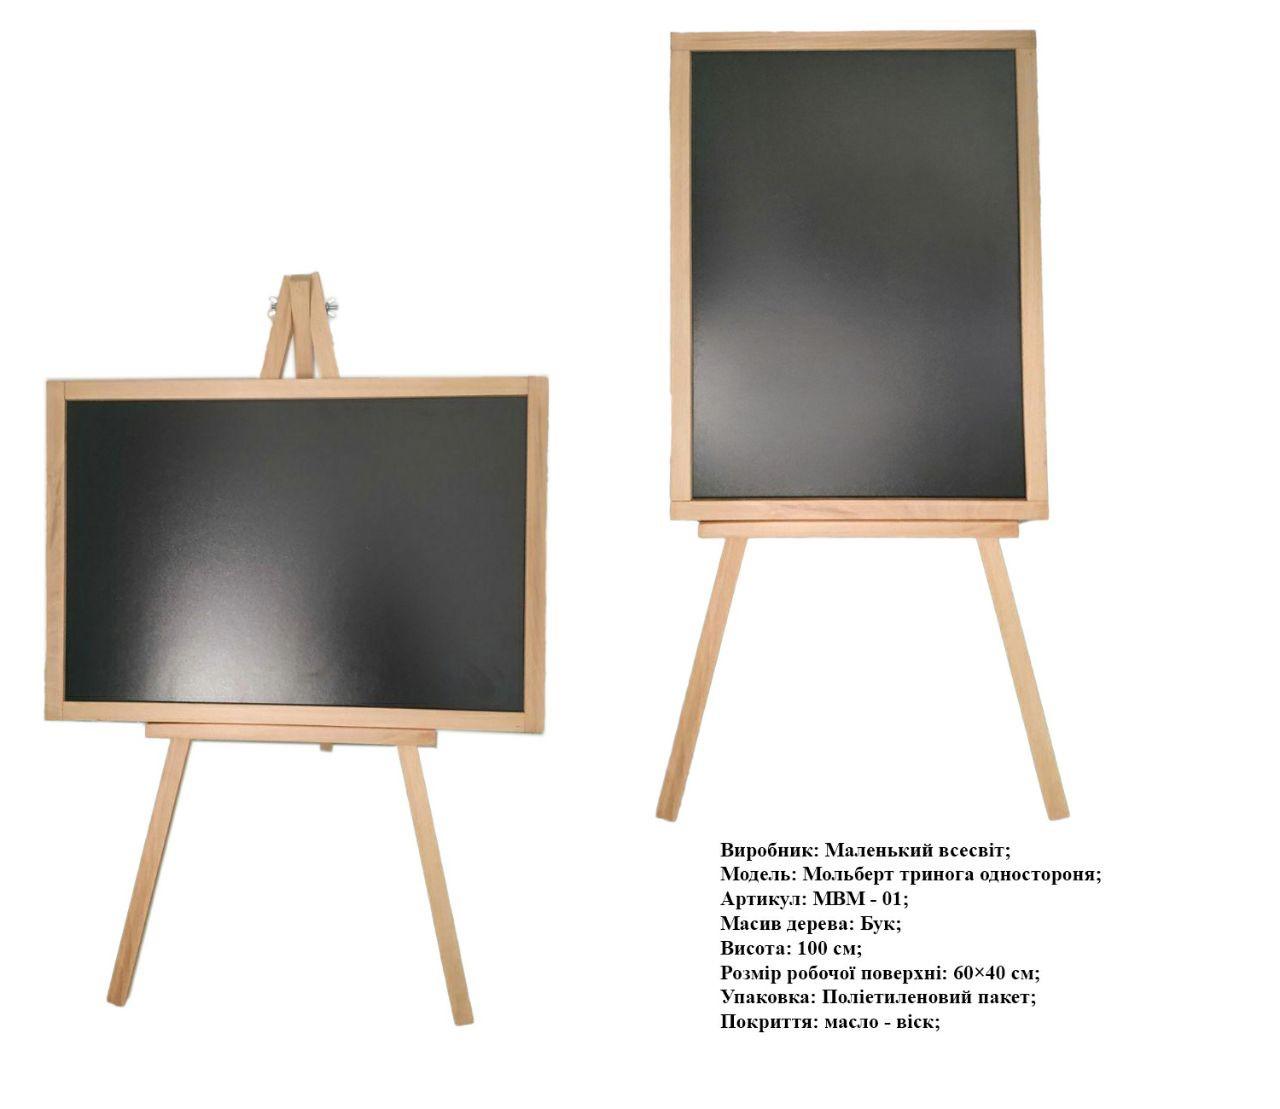 Мольберт МВМ 01, тринога односторонный, деревянный